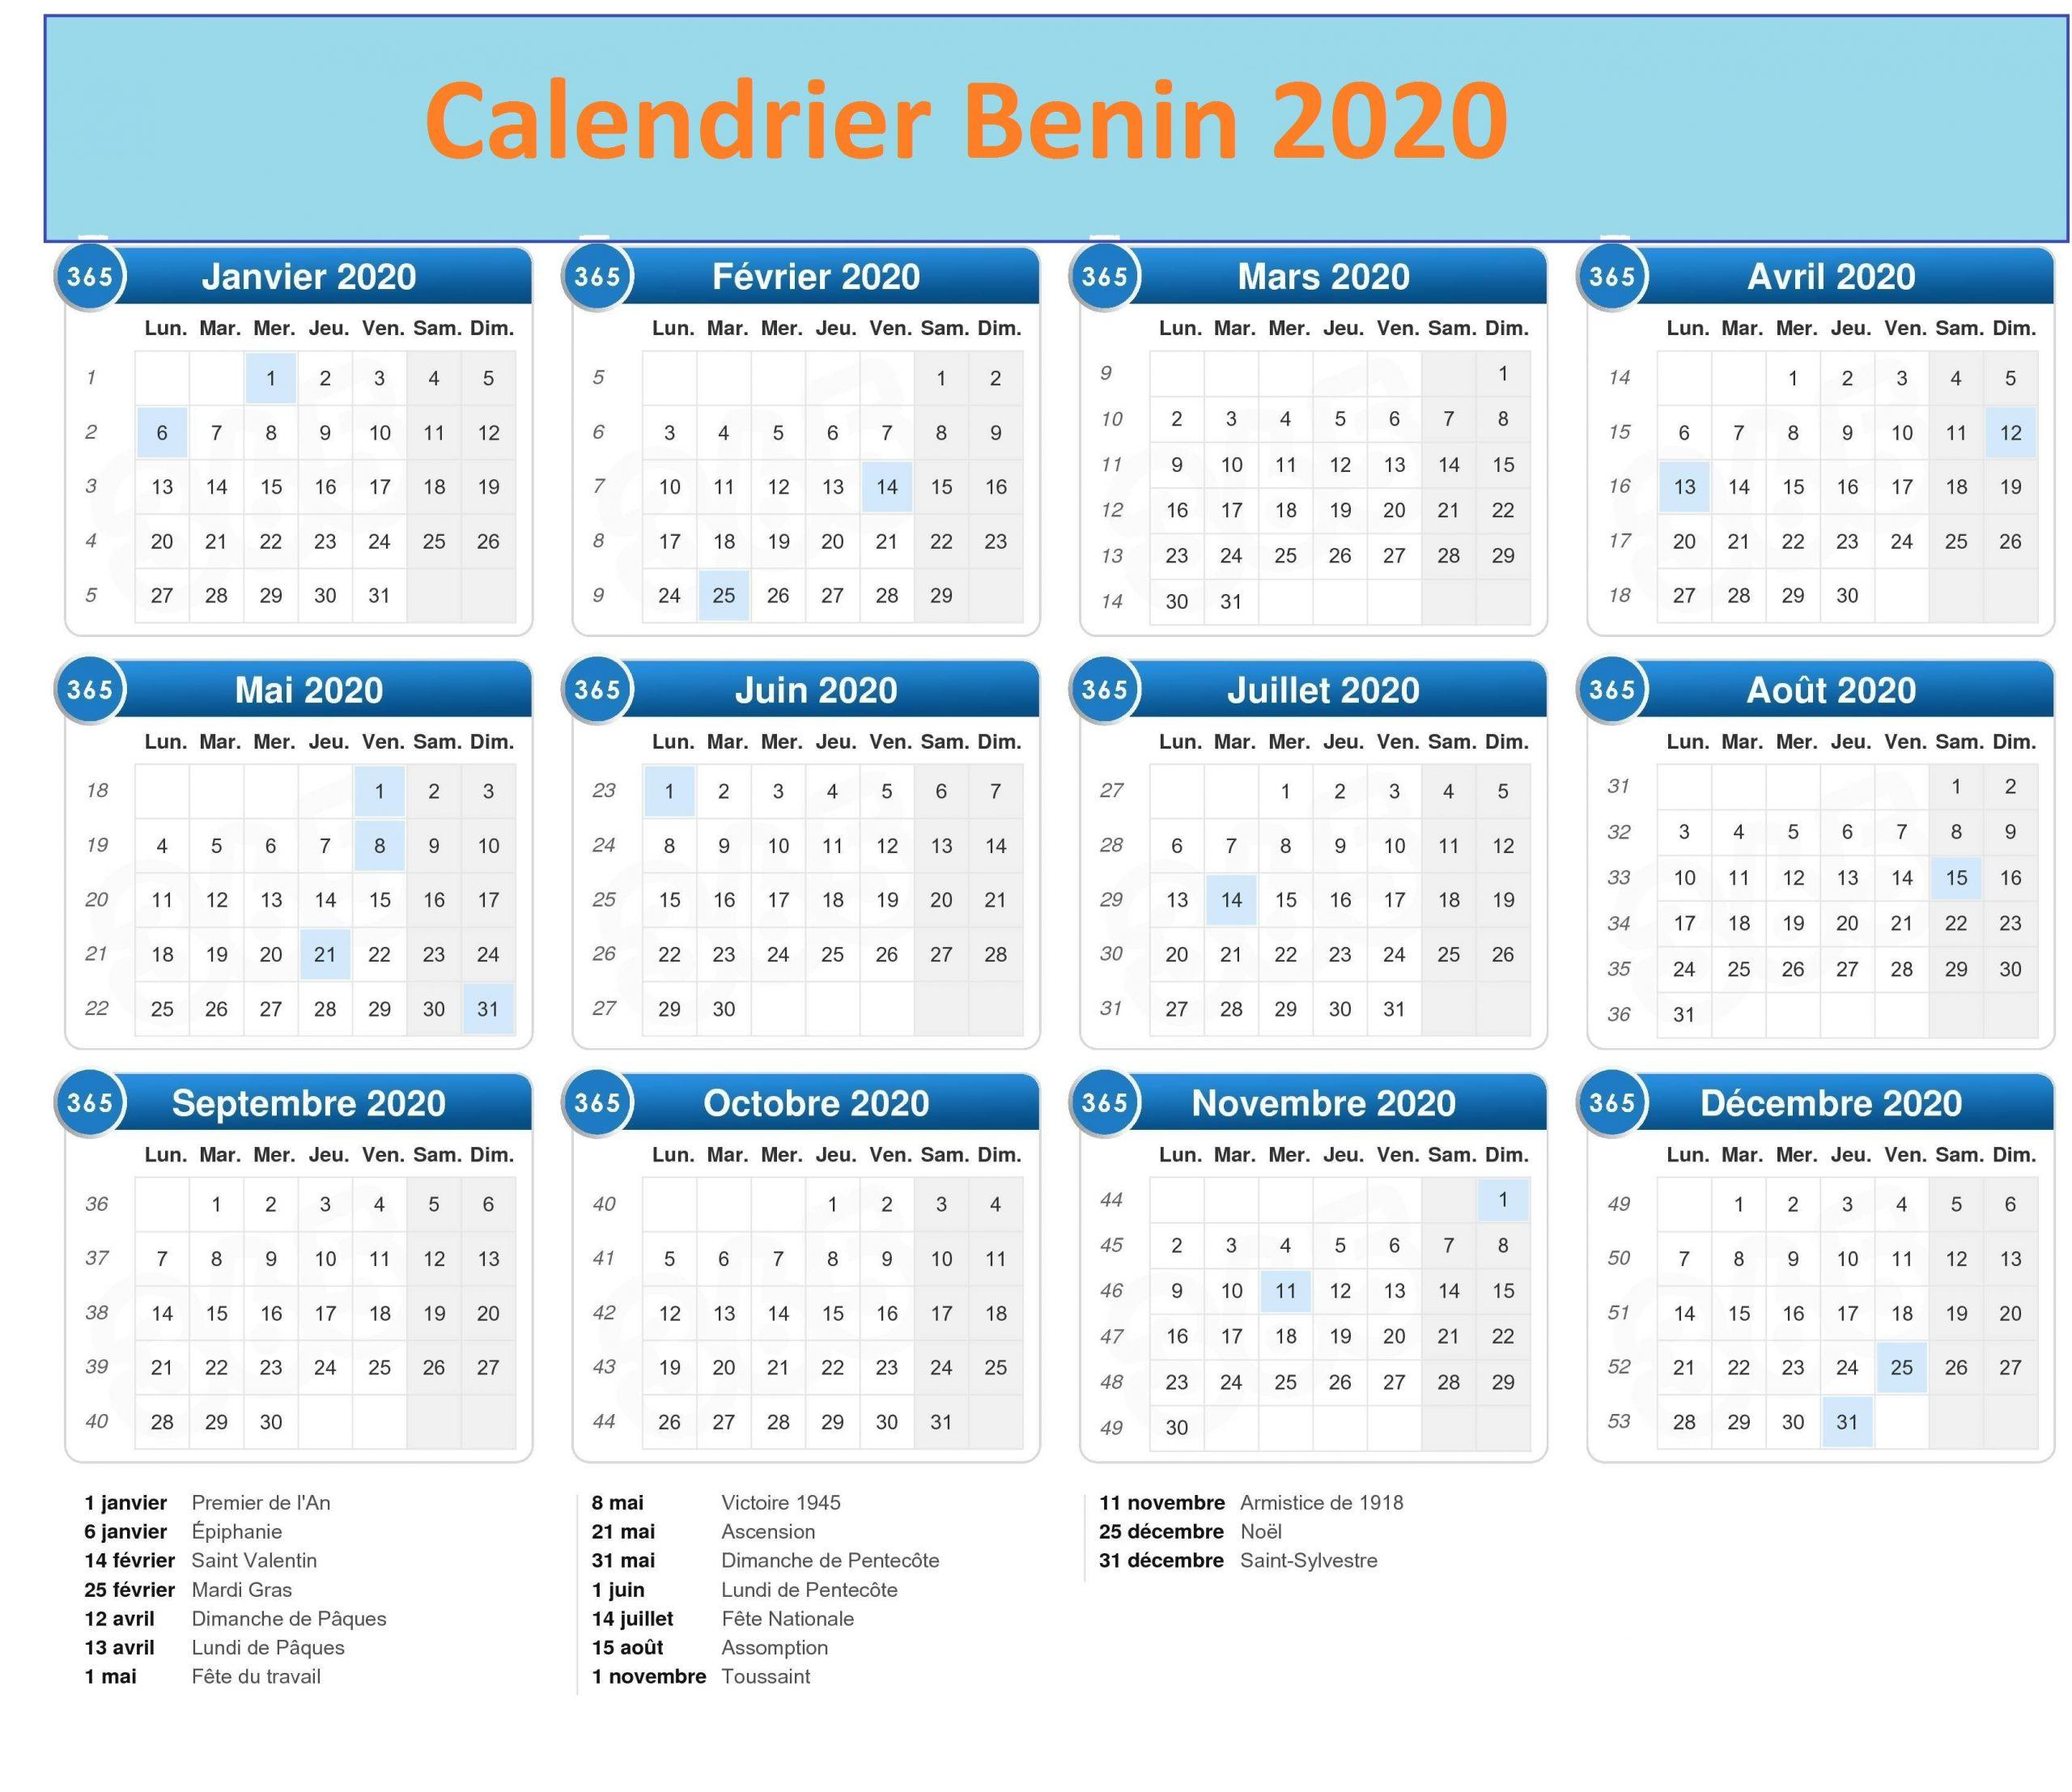 Calendrier Scolaire Bénin 2020